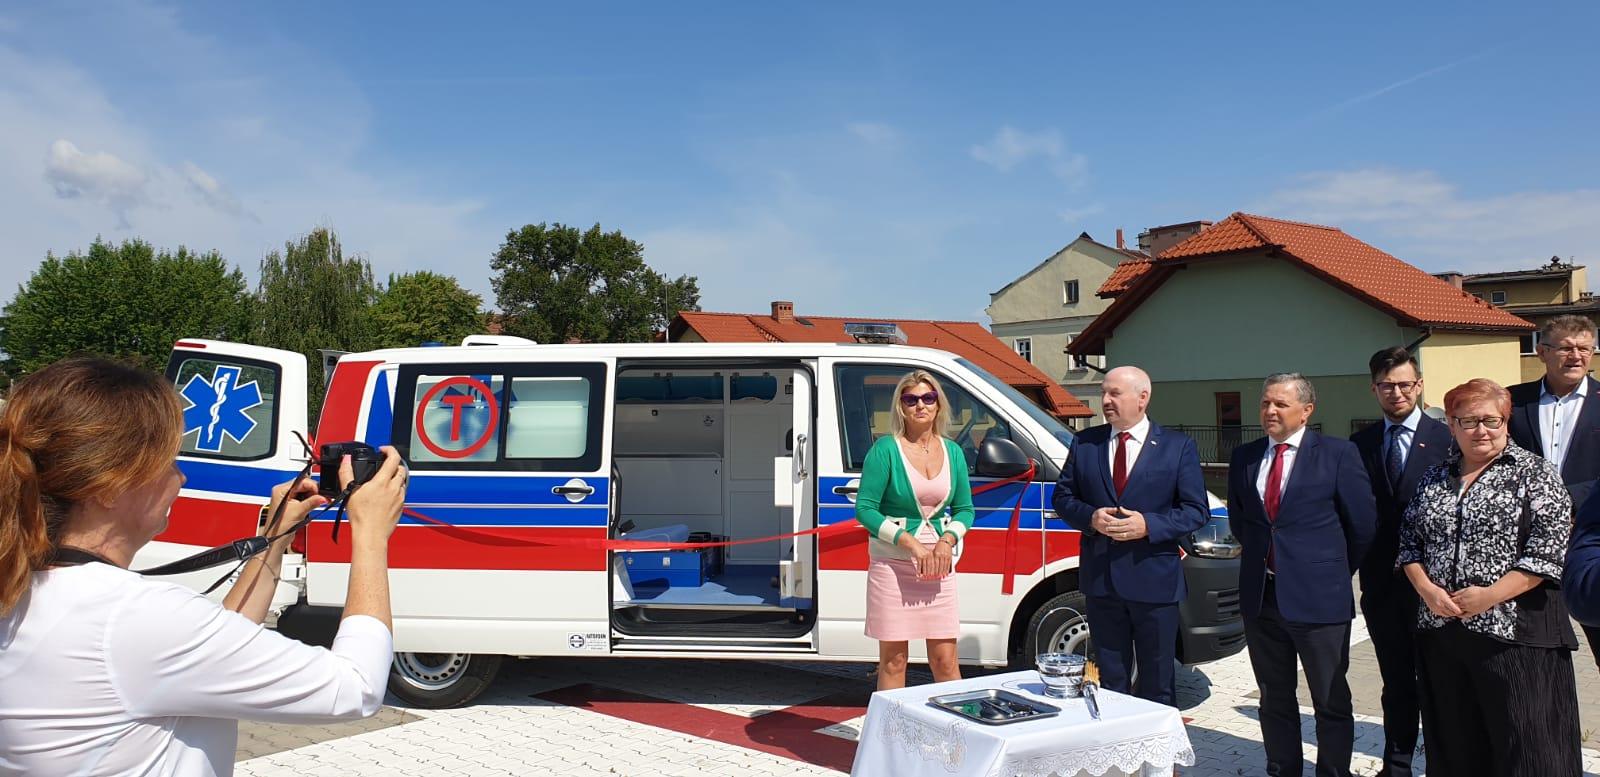 Nowa karetka transportowa dla szpitala, wkrótce nową dostanie także Andrychów [FOTO] [AKTUALIZACJA]